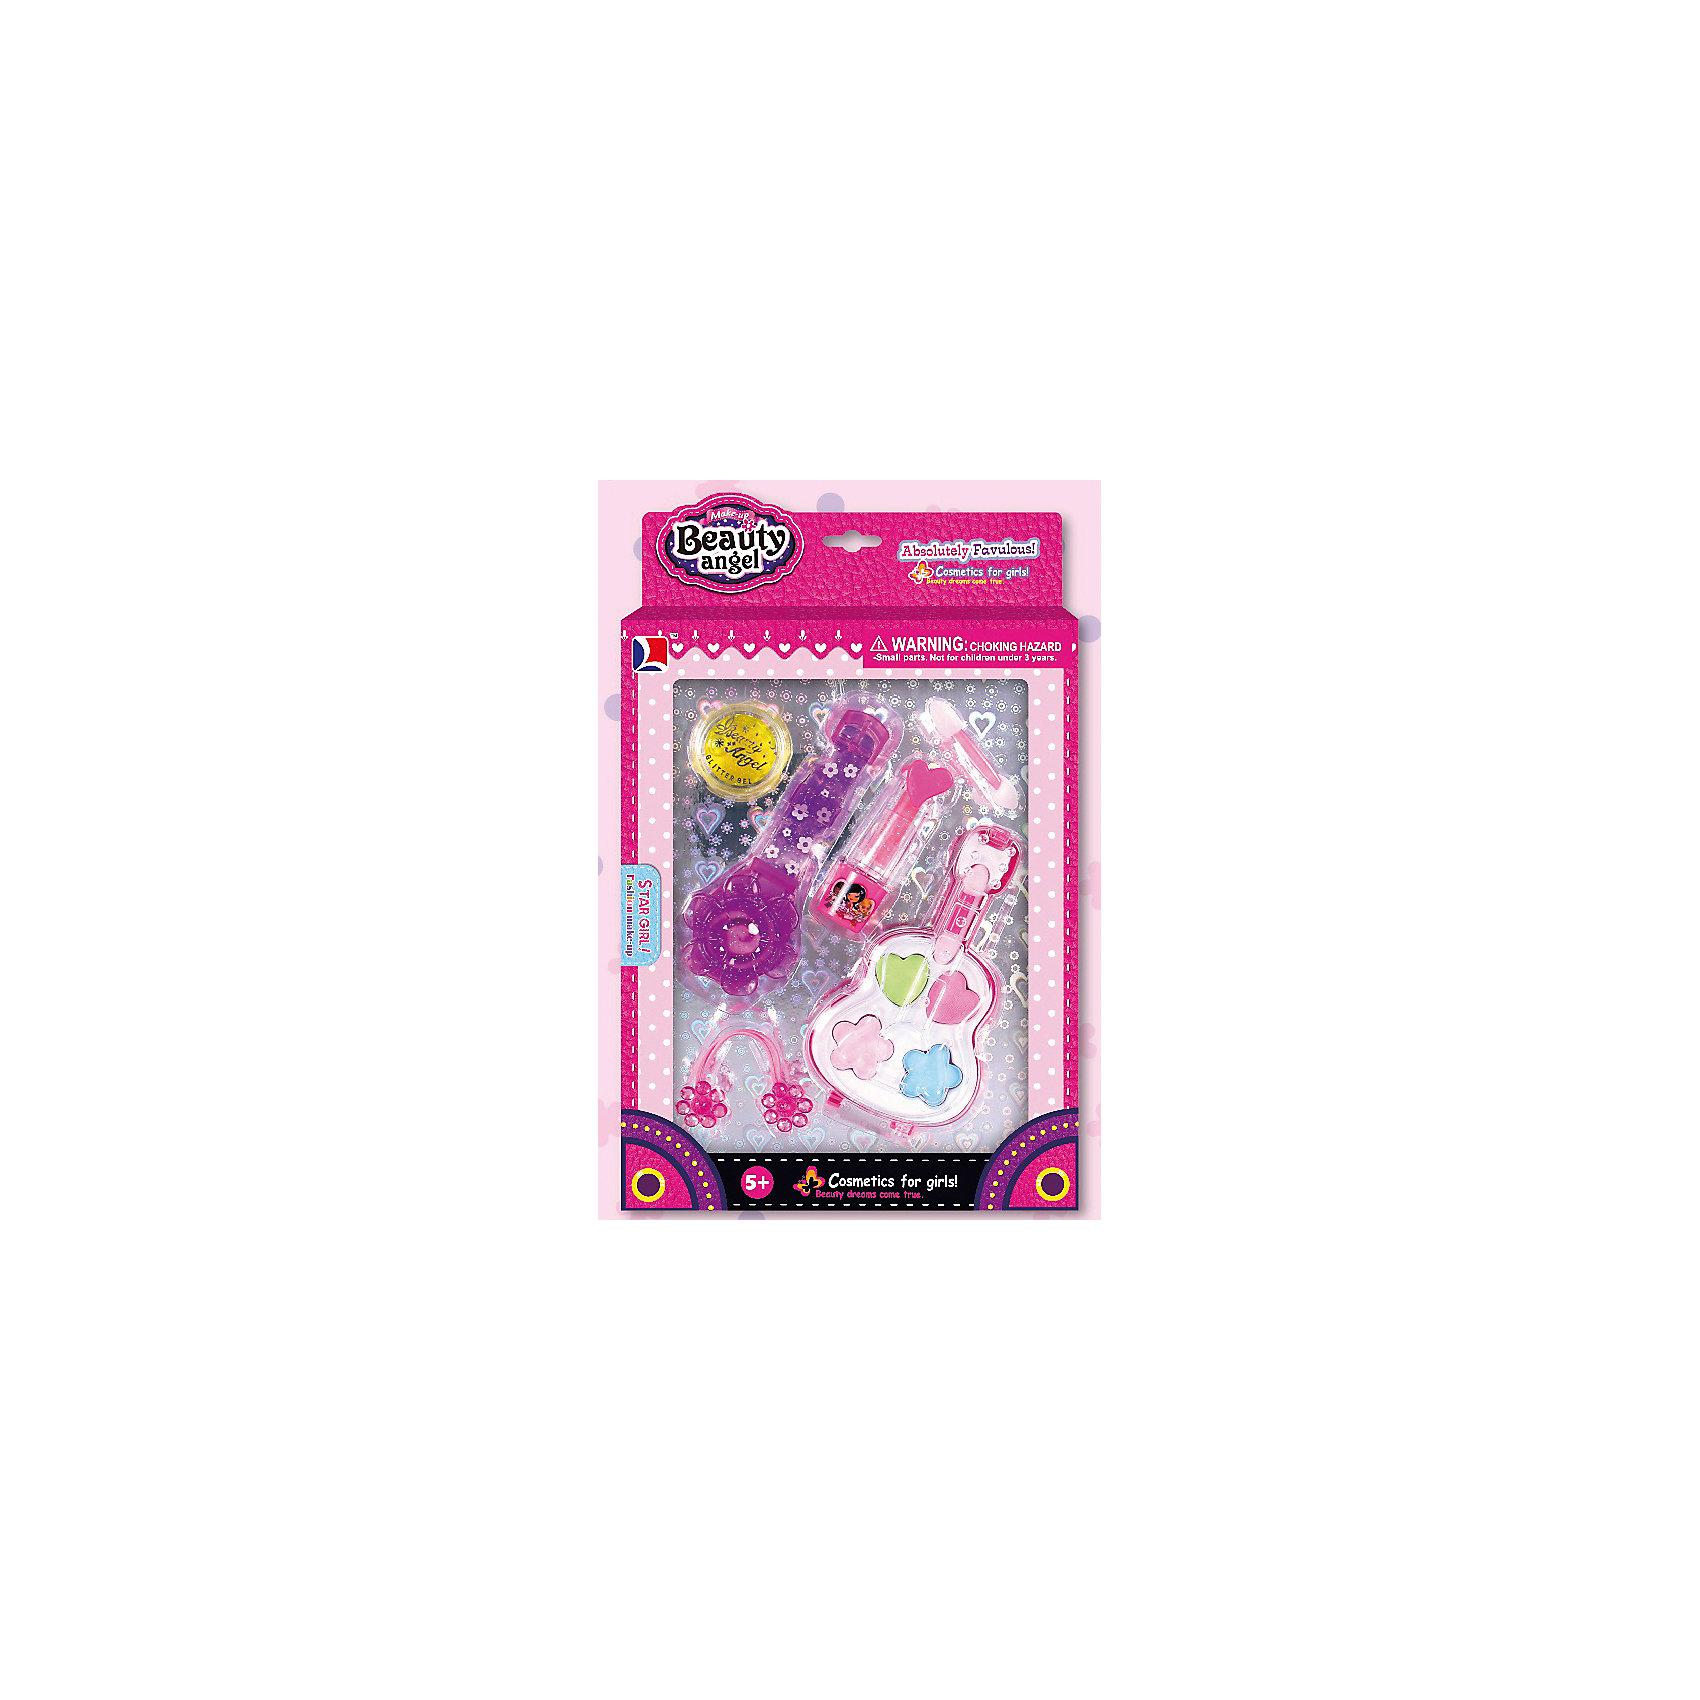 Игровой мини-набор Гитара + Часы, Beauty AngelХарактеристики:<br><br>• Вид игрушек: детская косметика<br>• Пол: для девочки<br>• Материал: пластик, натуральные компоненты и красители<br>• Цвет: розовый, красный, голубой, зеленый, желтый и др.<br>• Комплектация: <br> тени для век – 4 тона<br> блеск для губ – 1 тон<br> губная помада – 1 тон<br> гель с блестками – 1 шт.<br> резинка для волос – 1 шт.<br> кисточка – 2 шт.<br>• Форма футляра: гитара, наручные часы<br>• Размер упаковки (Д*Ш*В): 15,7*2,5*25,9 см<br>• Вес: 120 г<br>• Упаковка: картонная коробка с блистером<br><br>Игровой мини-набор Гитара+Часы, Beauty Angel от всемирно известного торгового бренда Dileny, который занимается разработкой, дизайном и выпуском детской декоративной косметики с учетом модных и стильных тенденций мира моды. Линейка наборов Beauty Angel представляет собой косметические наборы в состав которых входят как матовые, так и перламутровые оттенки, аксессуары и инструменты для нанесения макияжа. <br><br>Декоративная косметика от Dileny легко наносится, ложится ровным слоем, не осыпается и легко смывается либо теплой водой, либо детским косметическим маслом. Косметика обладает повышенными гипоаллергенными свойствами и легким ароматом. Игровой мини-набор Гитара+Часы, Beauty Angel состоит из теней для век, блеска для губ, губной помады и кисточки. В комплект также входят гель с блеском и резиночка для волос. Футляр для теней выполнен в форме гитары, для блеска – в виде наручных часов.<br><br>Игровой мини-набор Гитара+Часы, Beauty Angel станет идеальным подарком для девочки к любому празднику.<br><br>Игровой мини-набор Гитара, Beauty Angel можно купить в нашем интернет-магазине.<br><br>Ширина мм: 157<br>Глубина мм: 25<br>Высота мм: 259<br>Вес г: 120<br>Возраст от месяцев: 60<br>Возраст до месяцев: 120<br>Пол: Женский<br>Возраст: Детский<br>SKU: 5418973